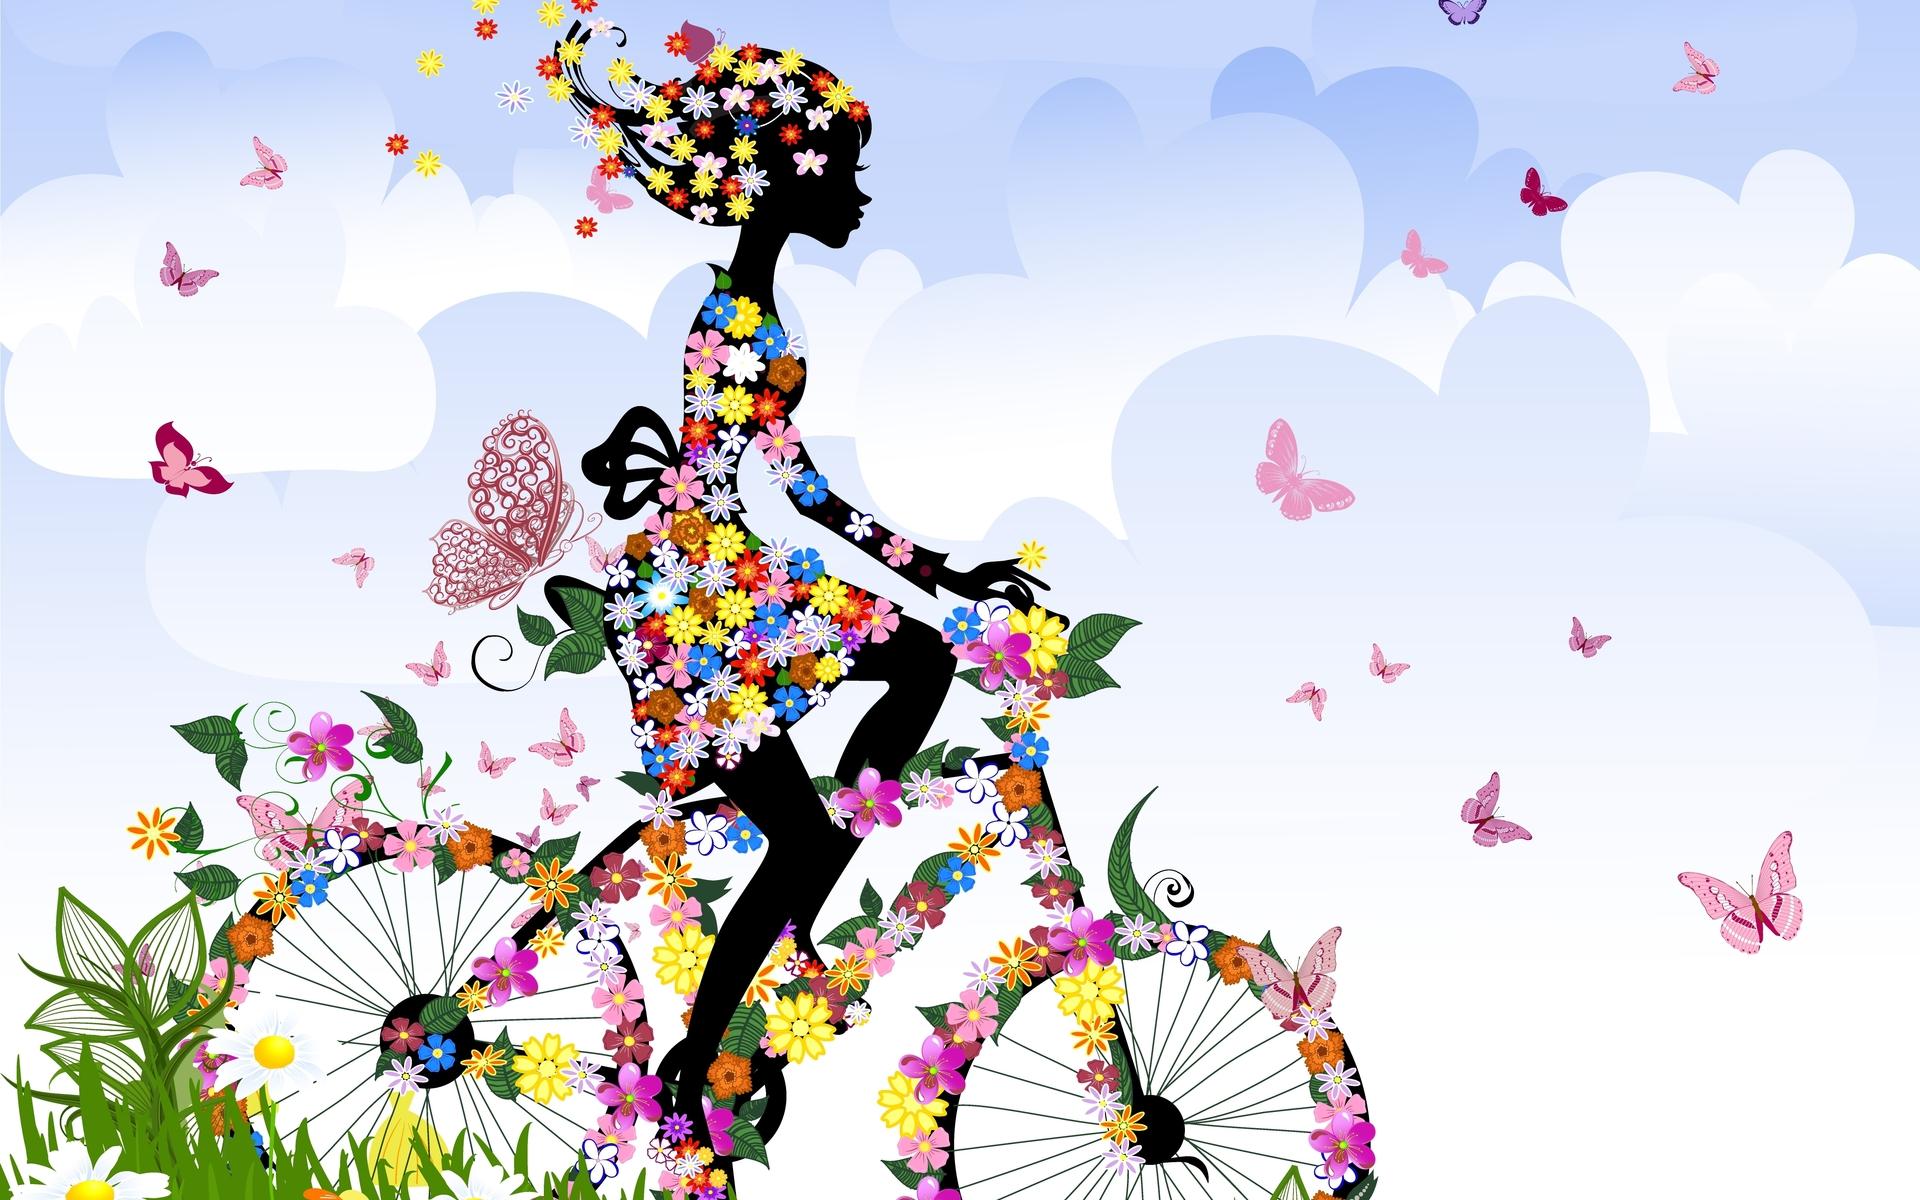 Fond D Ecran 1920 X 1200 Px Abstrait Anime Art Velo Papillon Dessin Anime Des Nuages Couleur Les Femmes Fleurs Filles Insectes Jambes Mouvement Equitation Saisons Ciel Printemps Style Vecteur Vehicules 1920x1200